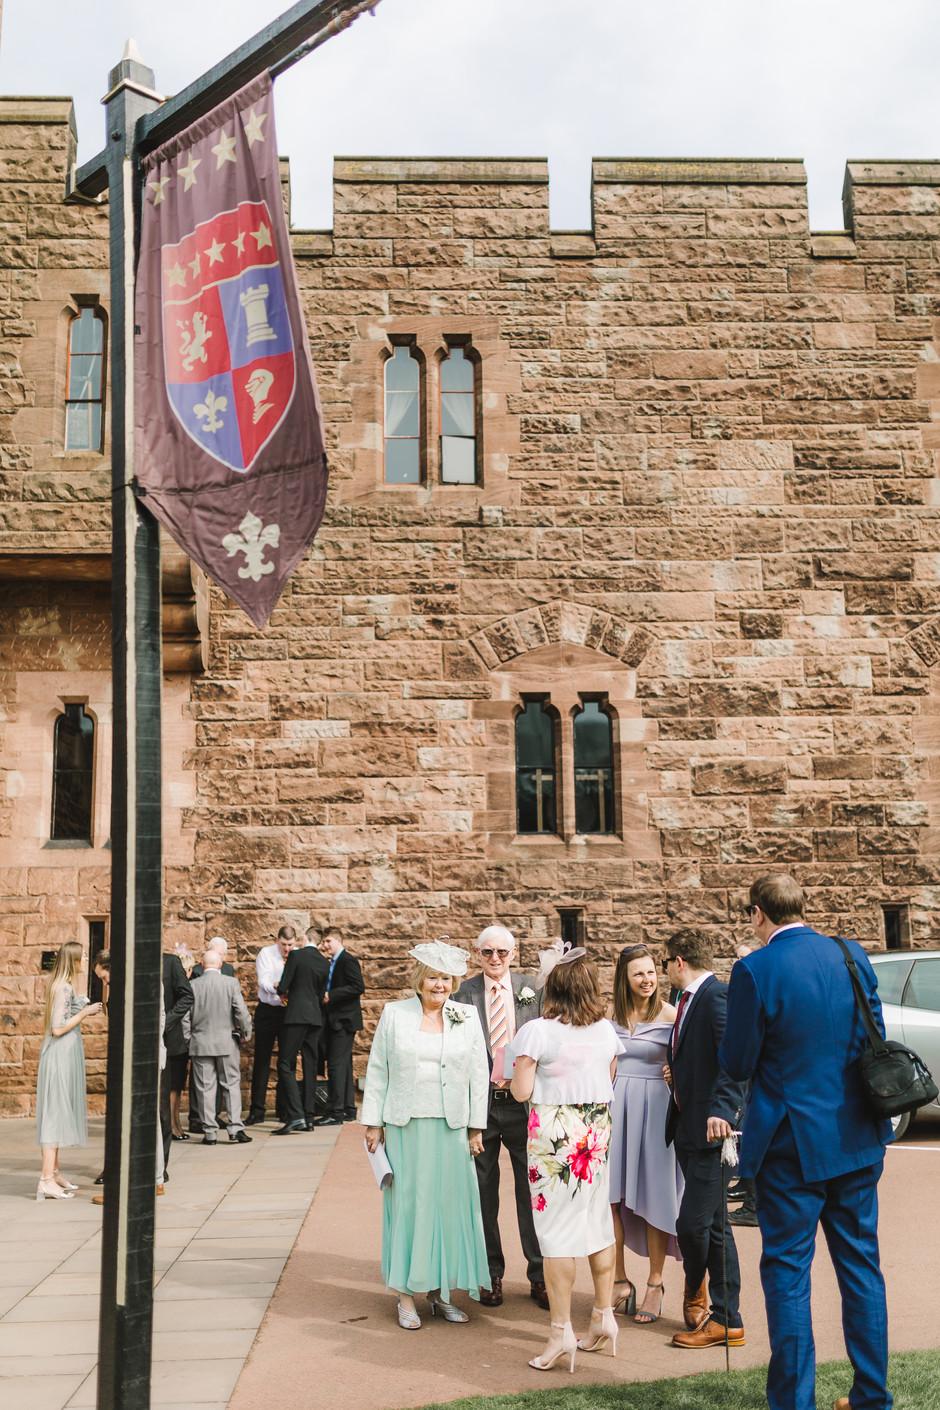 Peckforton Castle wedding day photos